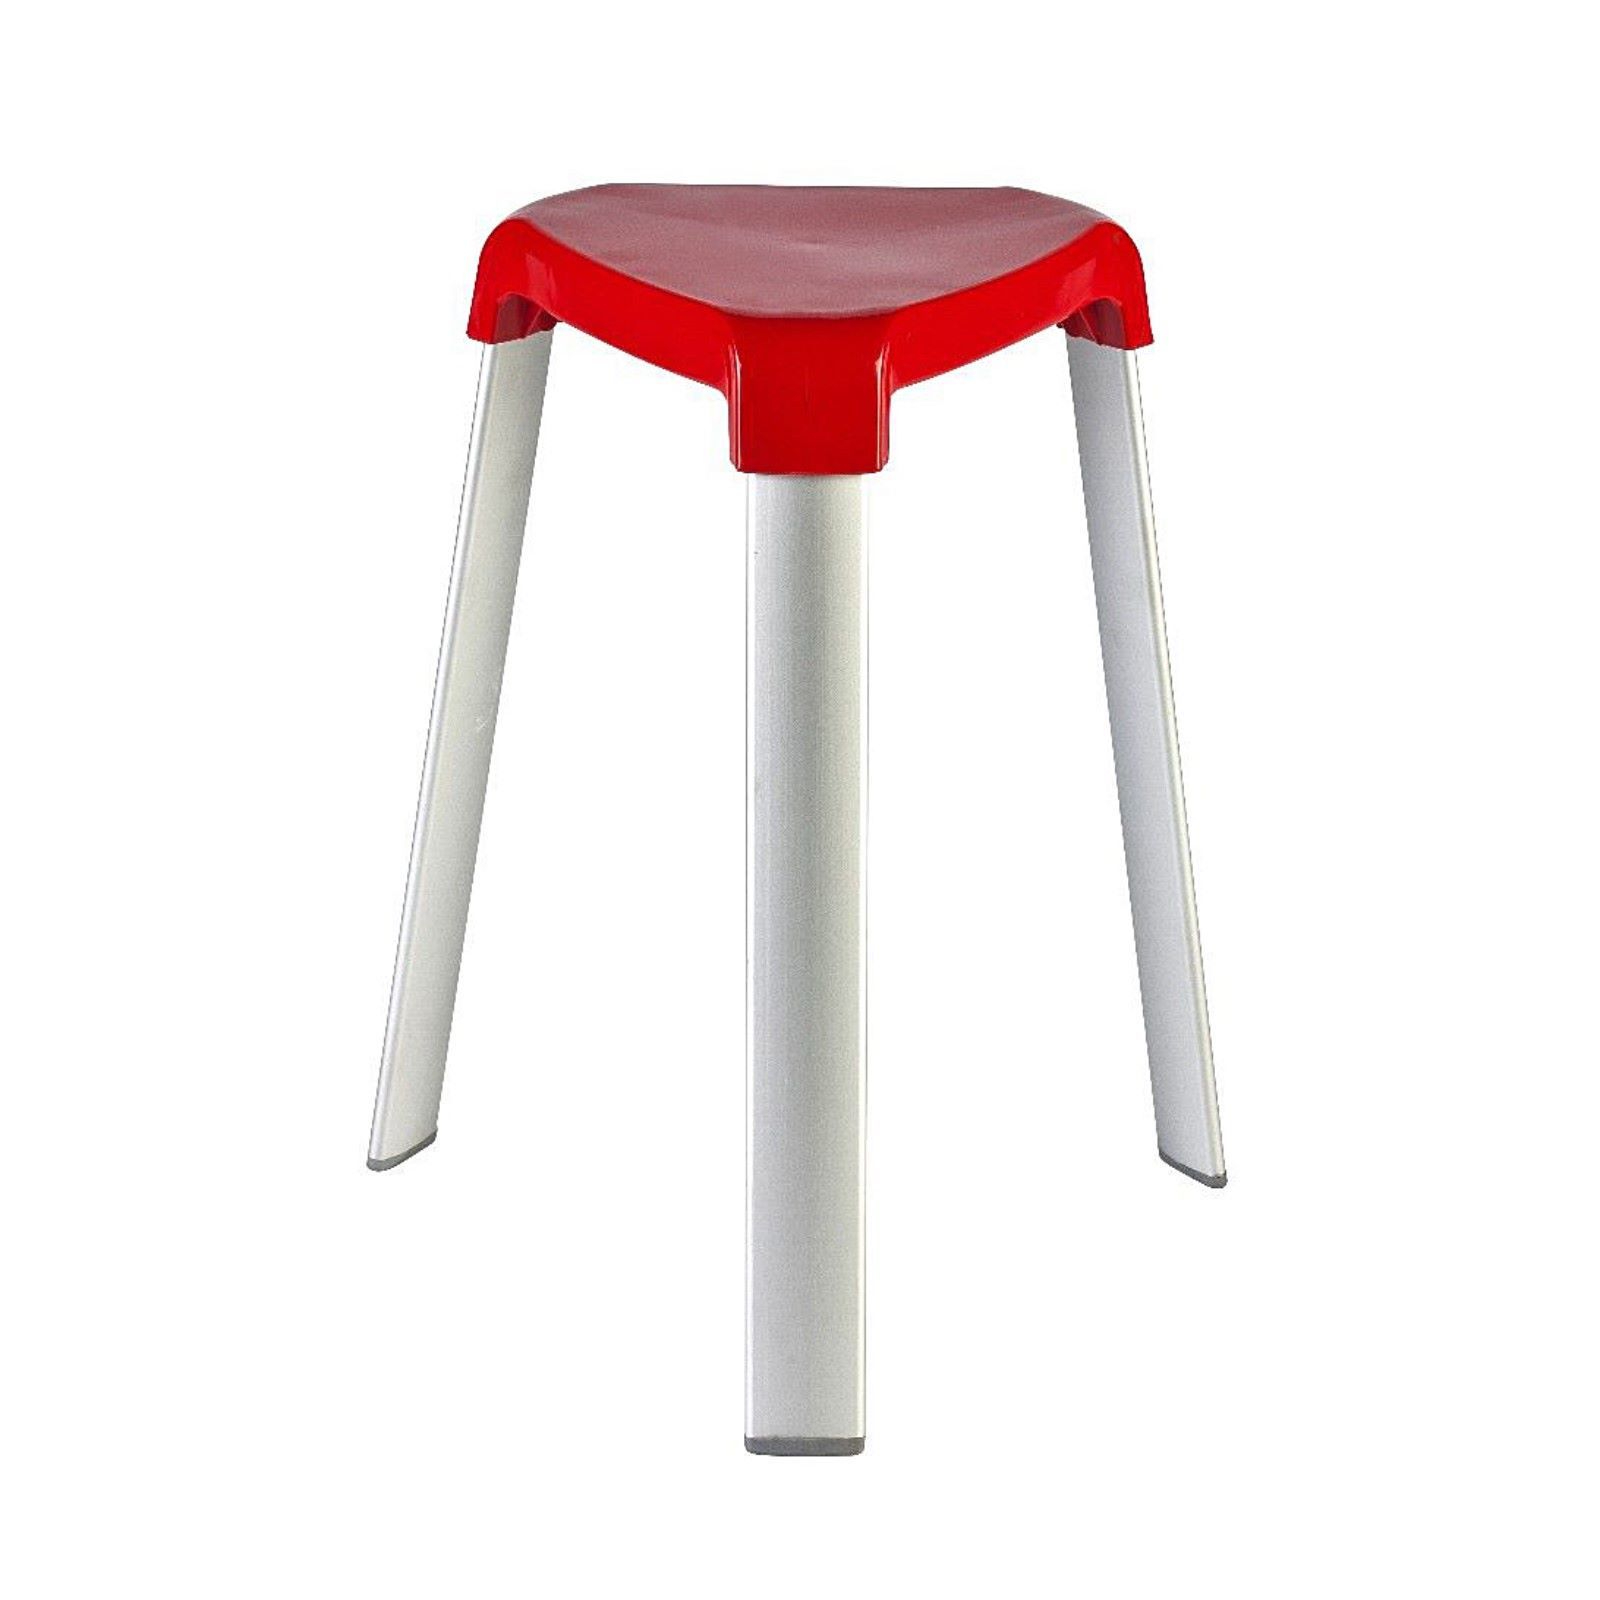 Стул для ванной Primanova красный 25х29х45 см стул для ванной primanova белый25х29х45 см